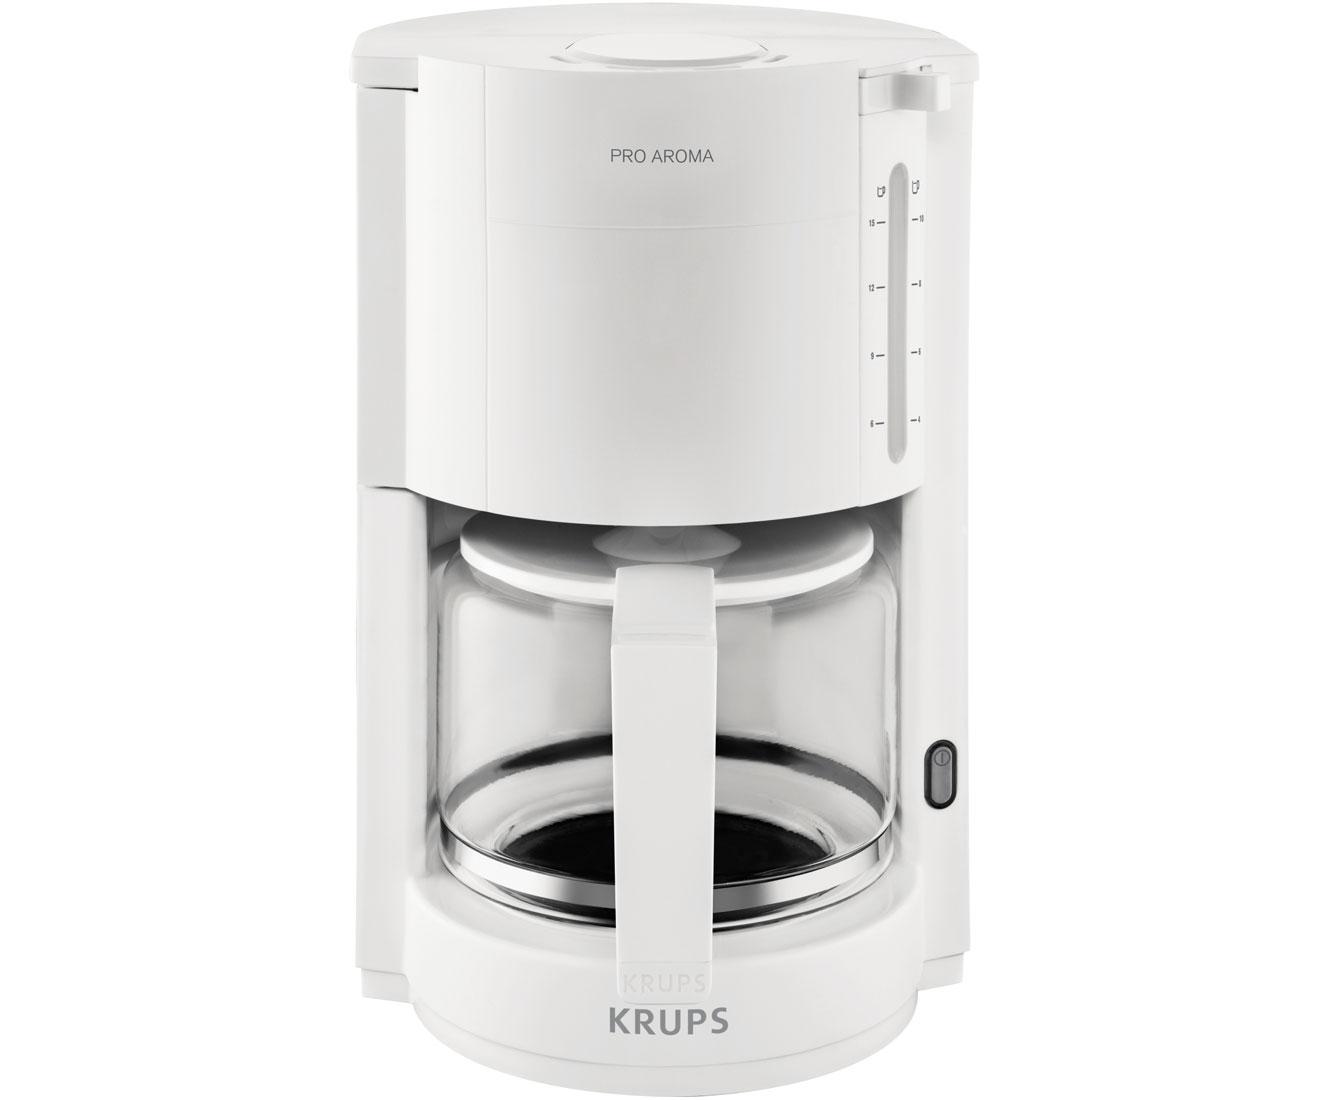 Krups ProAroma F309 01 Kaffeemaschinen - Weiss